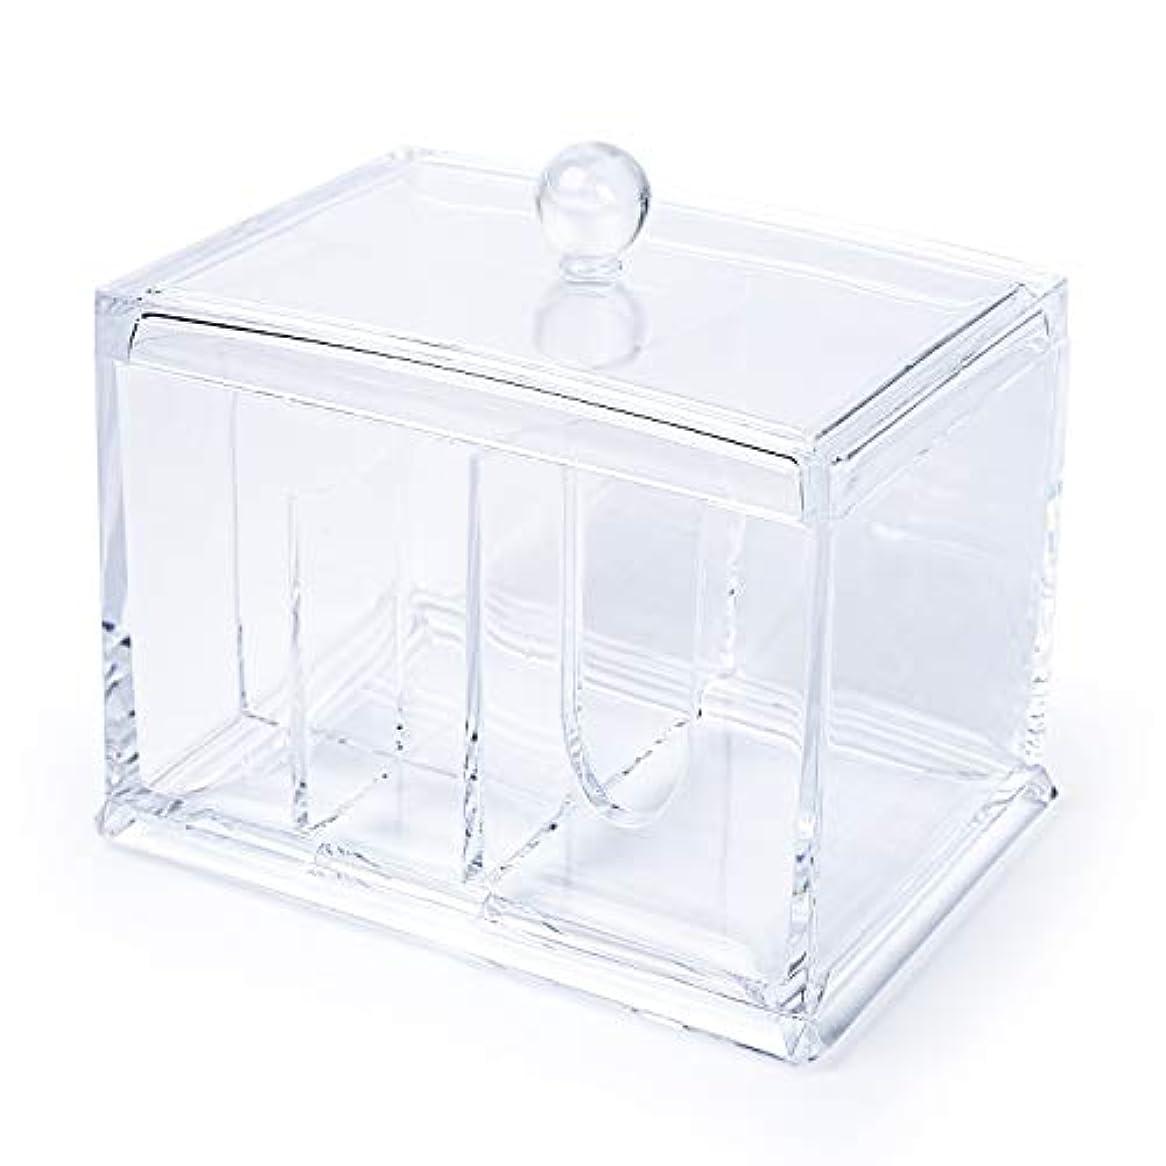 雄大な匿名波ELOKI 収納ボックス アクリルケース 収納ボックス 綿棒 小物?コスメ小物用品収納 ジュエリーボックス アクセサリー 透明 防塵?蓋付き アクリル製